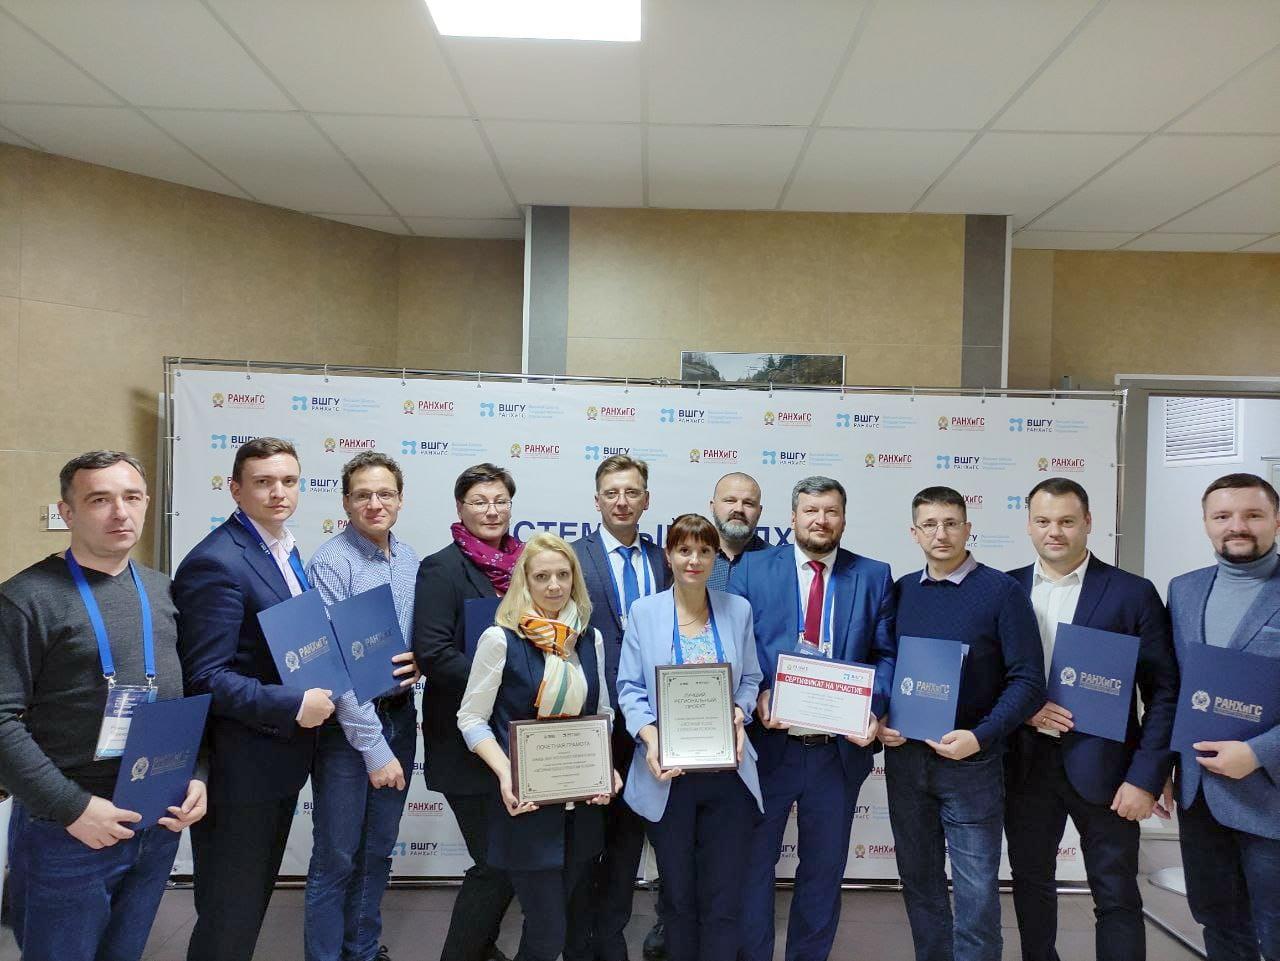 Проект Мурманской области признан лучшим среди 102 регионов СЗФО по итогам образовательной программы РАНХИГС